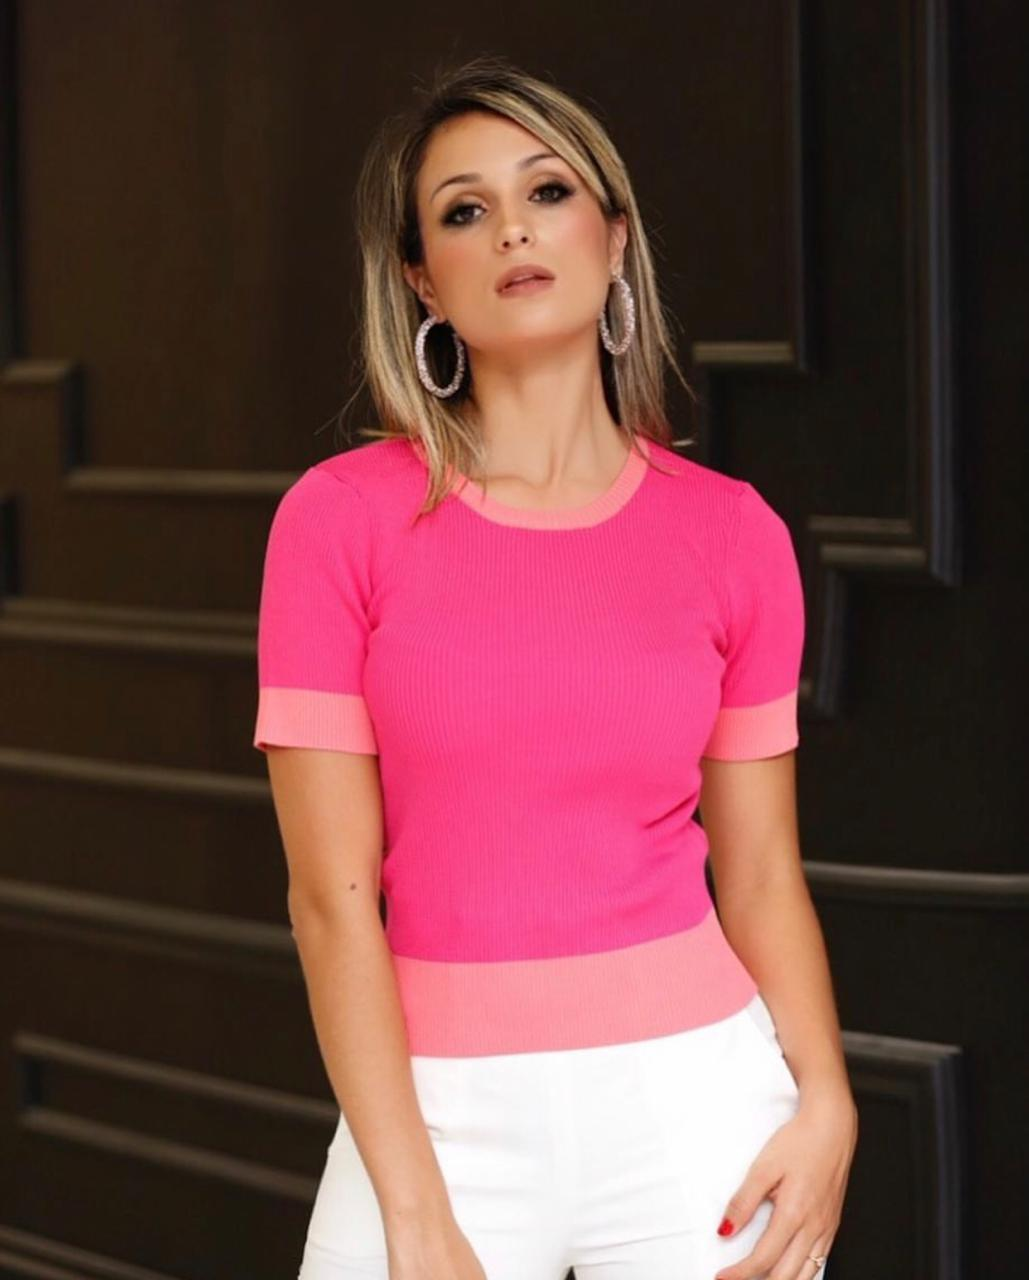 Blusa Ludmila Tricot Bicolor Cores Pink e Bege